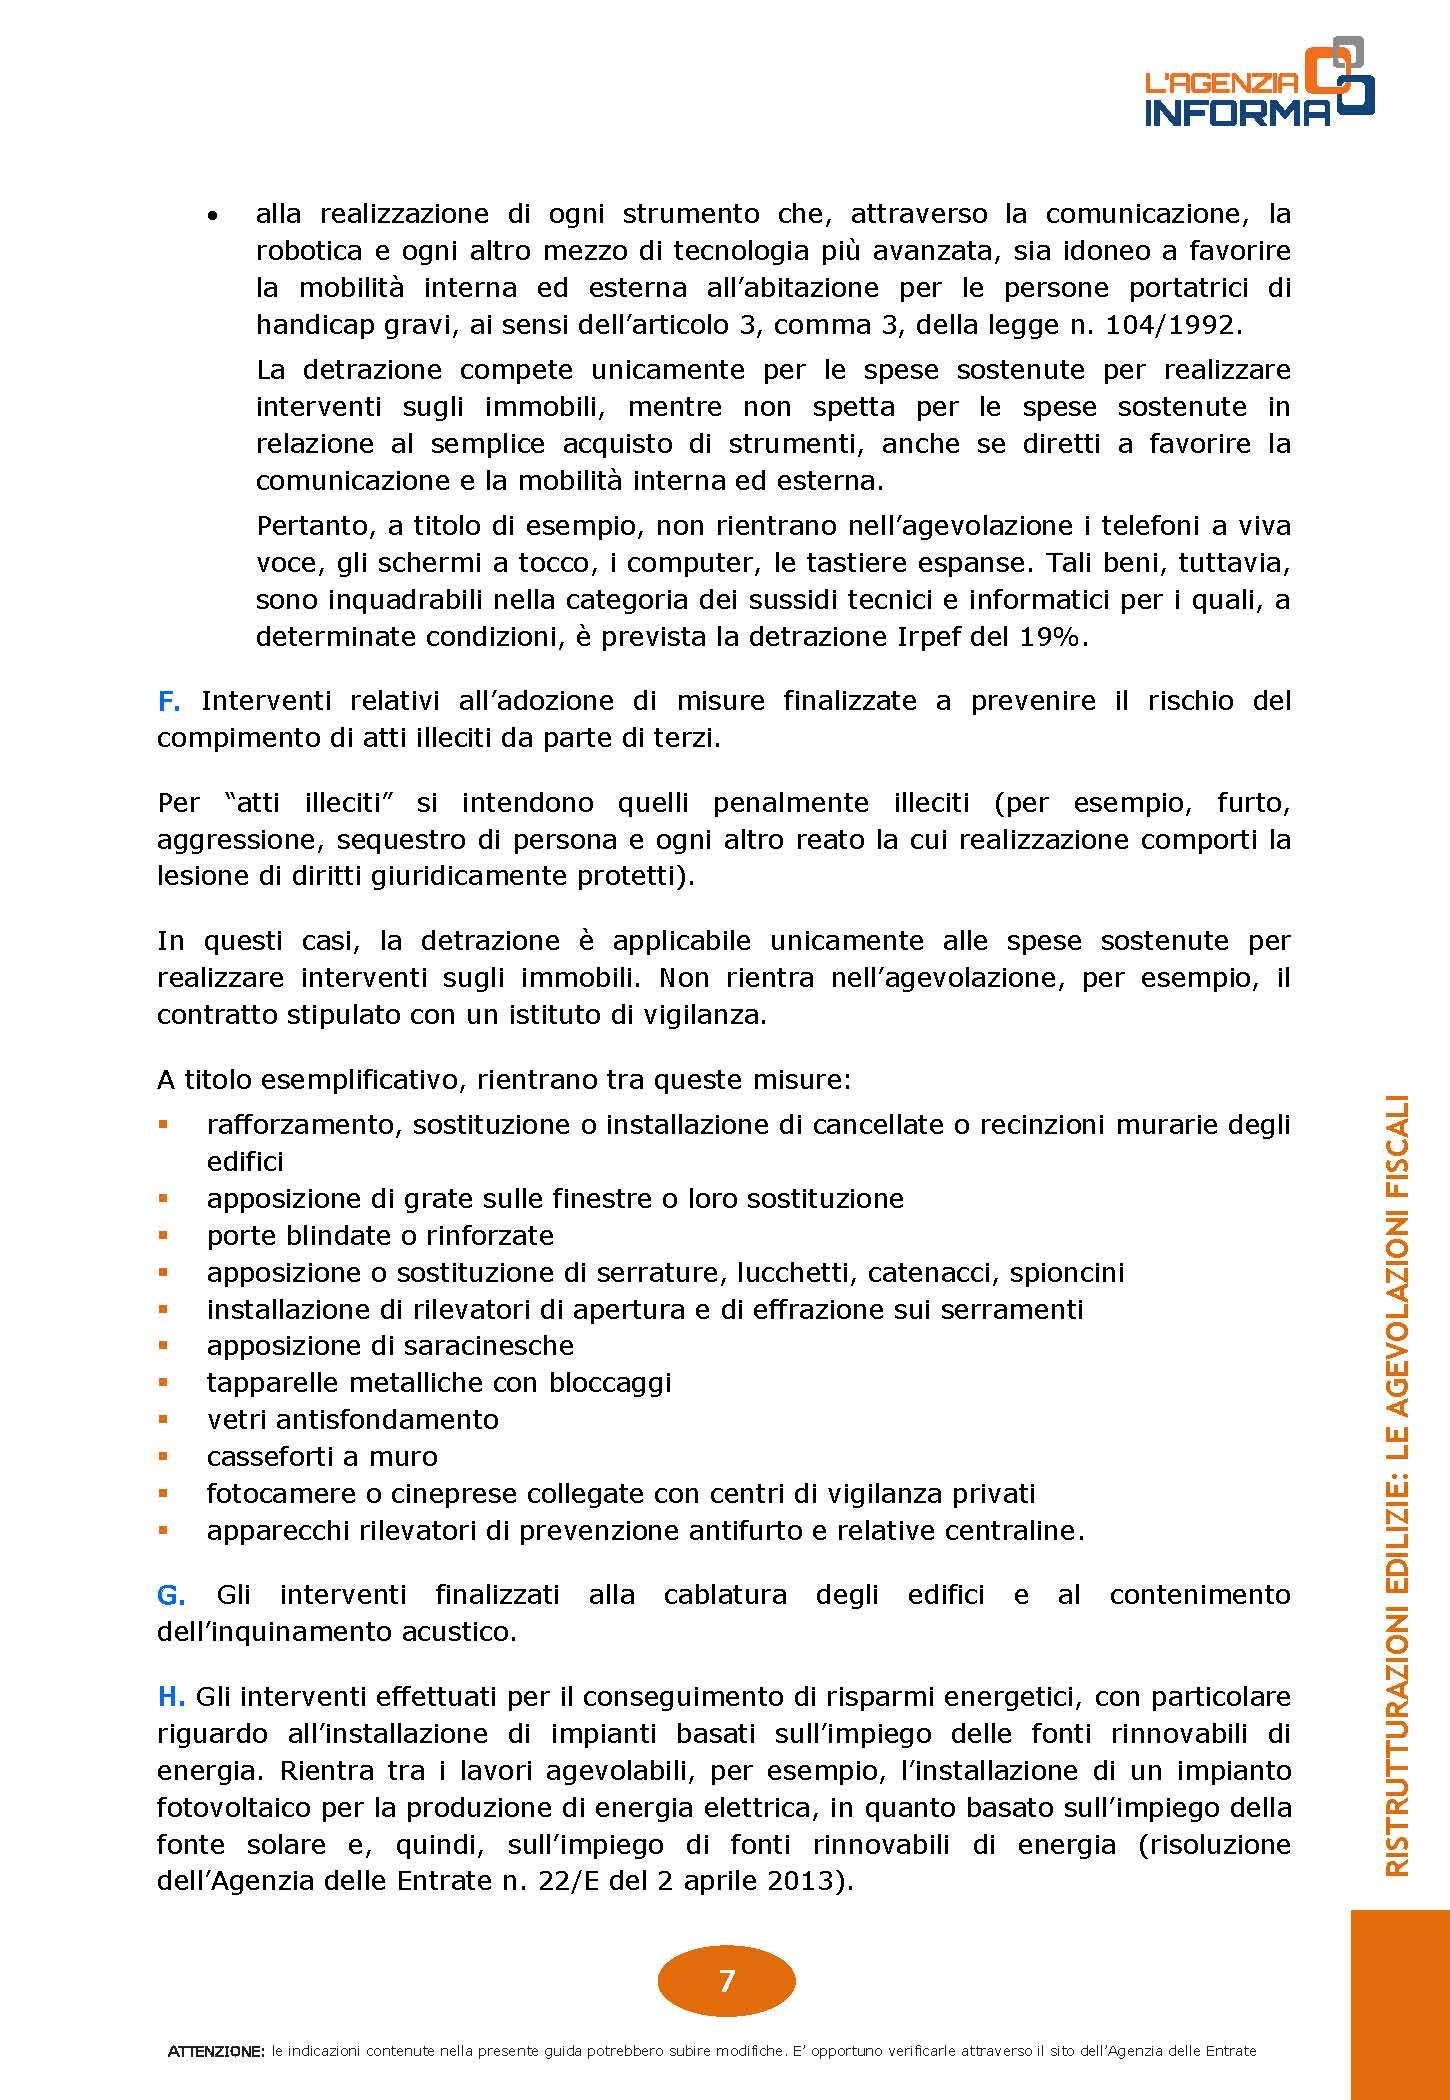 guida_ristrutturazioni_edilizie_marzo2016-8